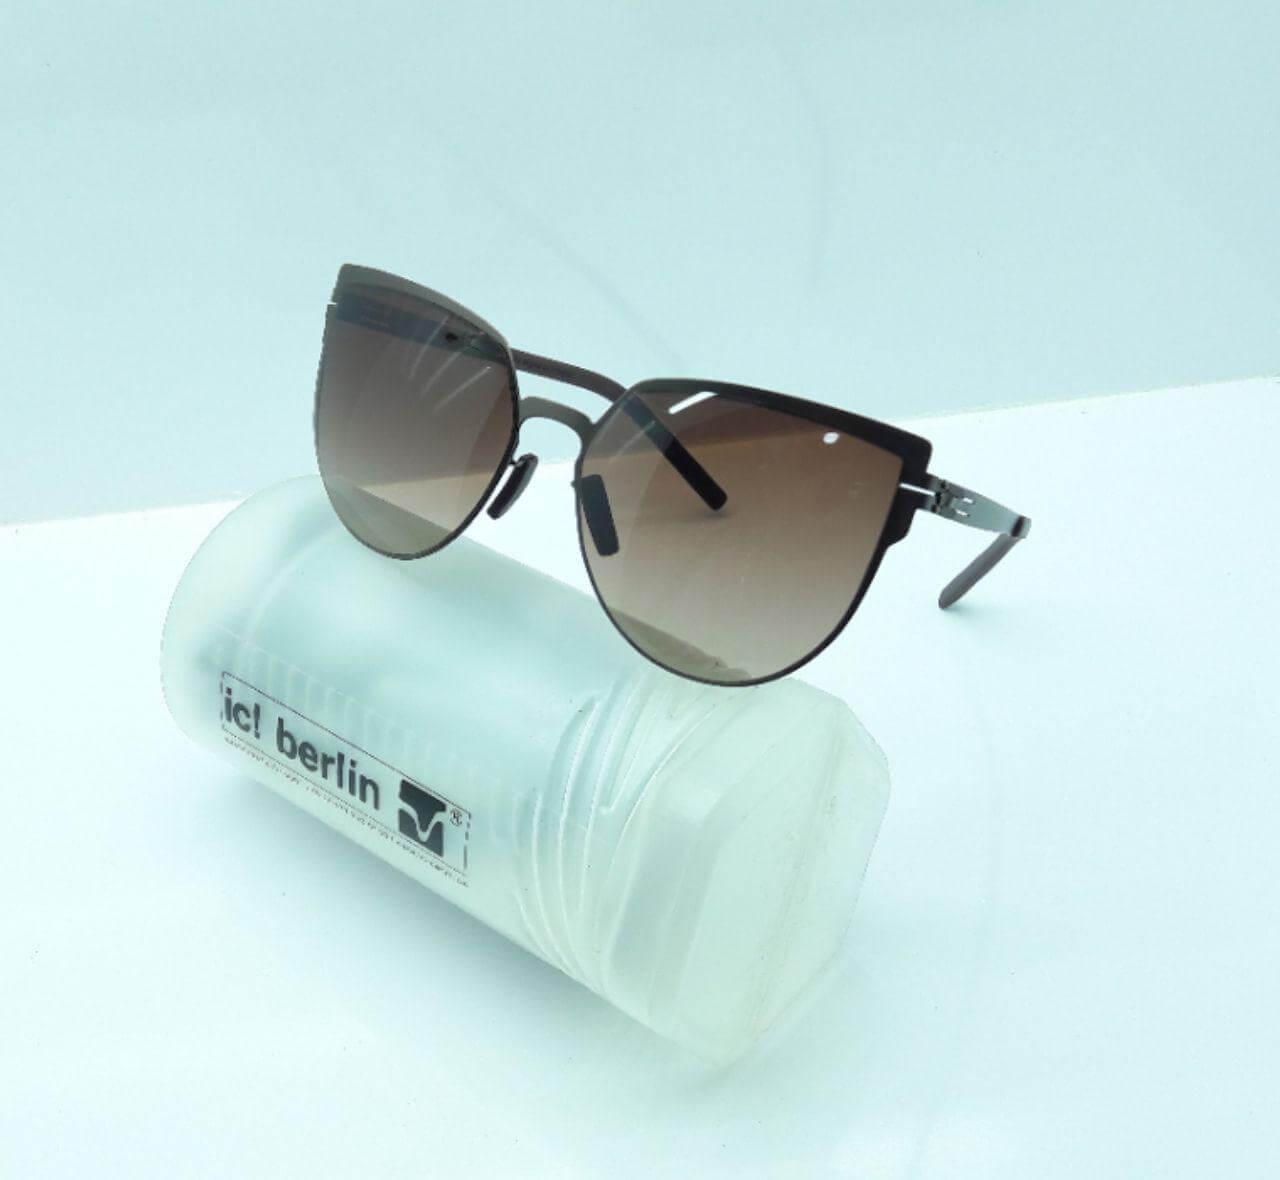 عینک مارک ice berlin